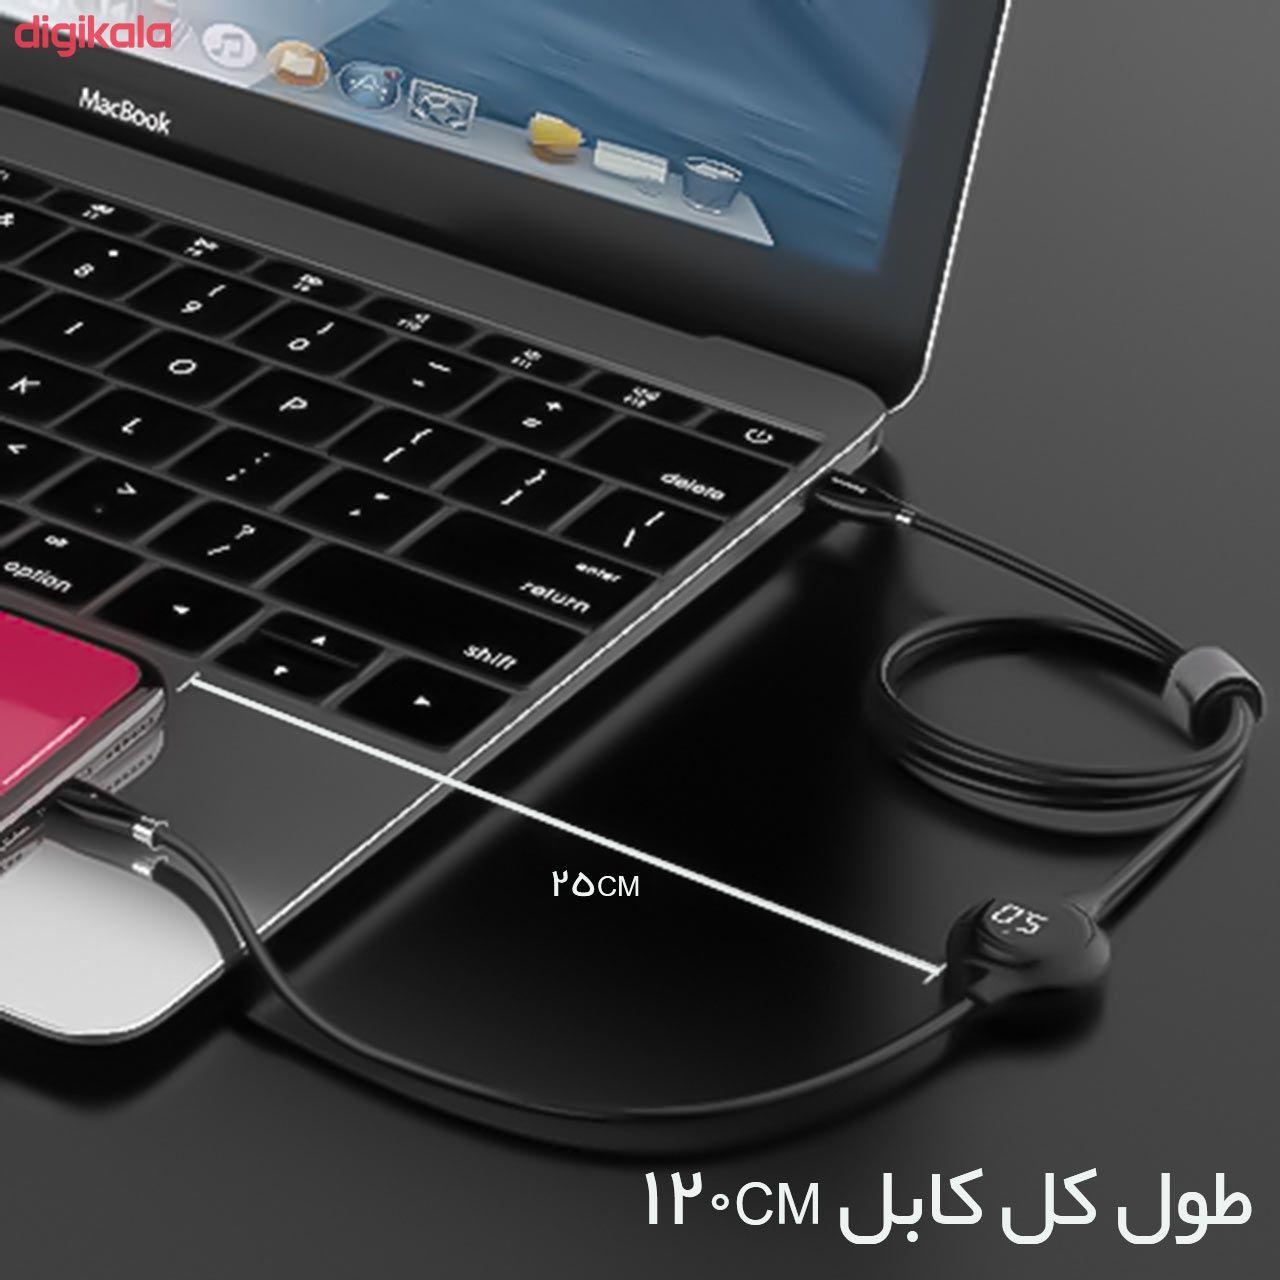 کابل تبدیل USB به لایتنینگ باسئوس مدل CALEYE طول 1.2 متر main 1 10